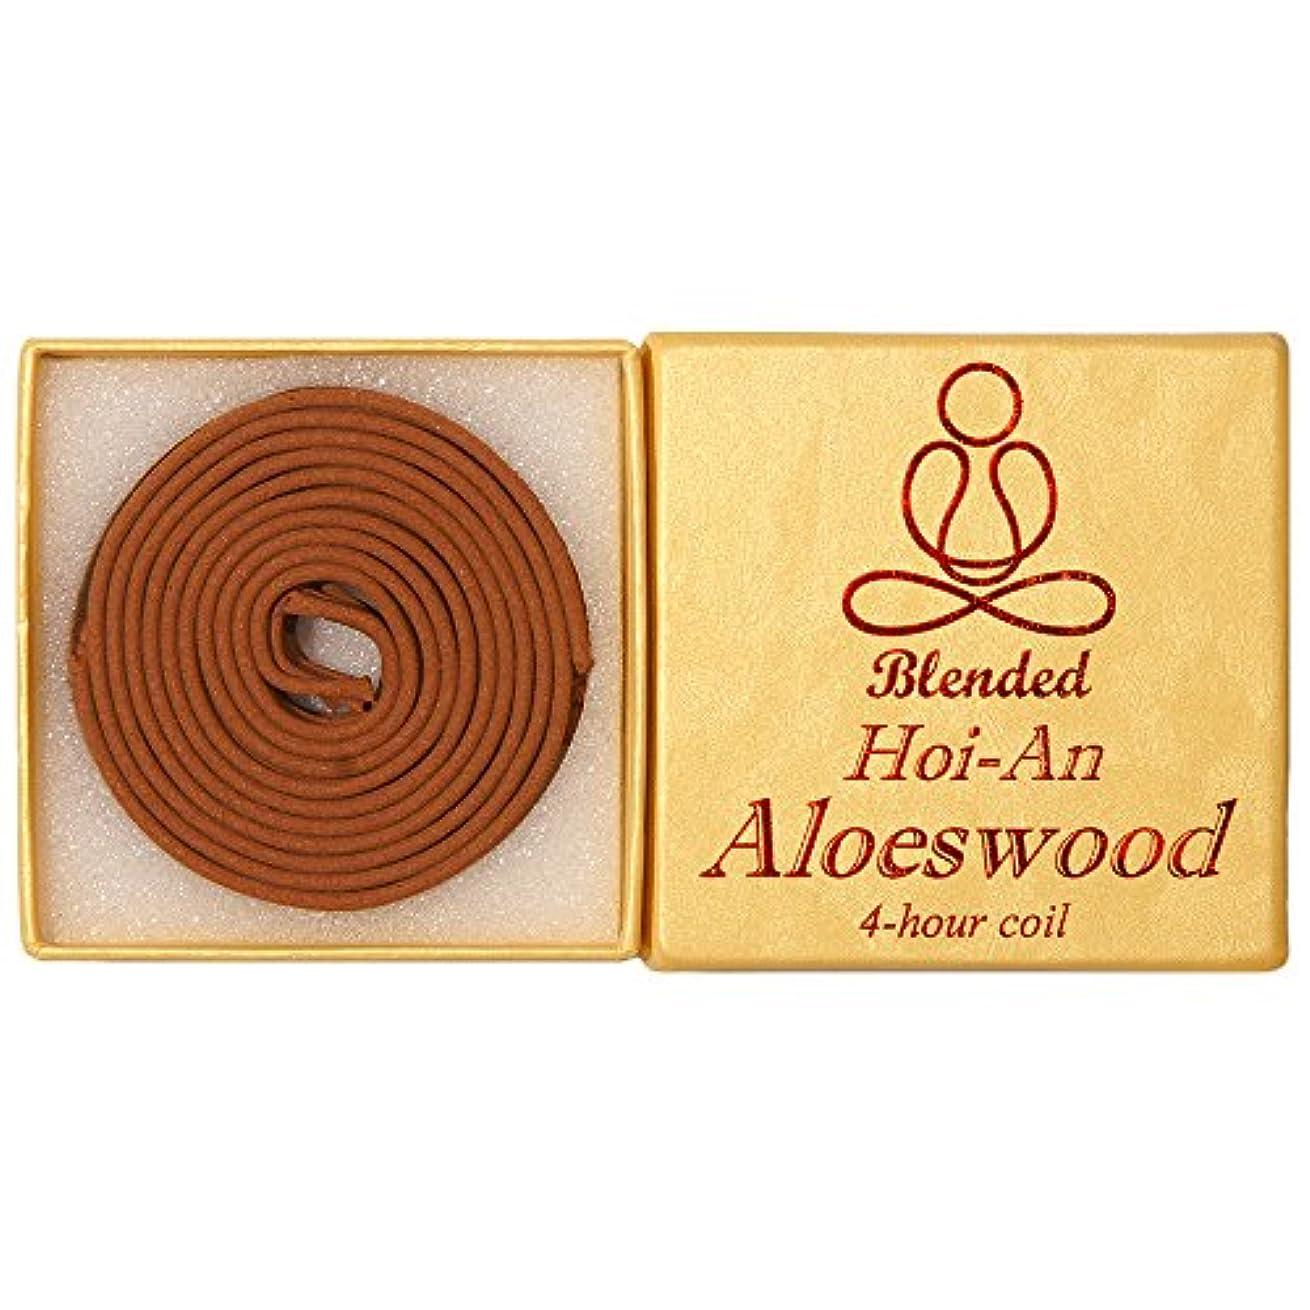 挨拶する確認してくださいスカウトBlended Hoi-An Aloeswood - 12 pieces 4-hour Coil - 100% natural - GHC152T